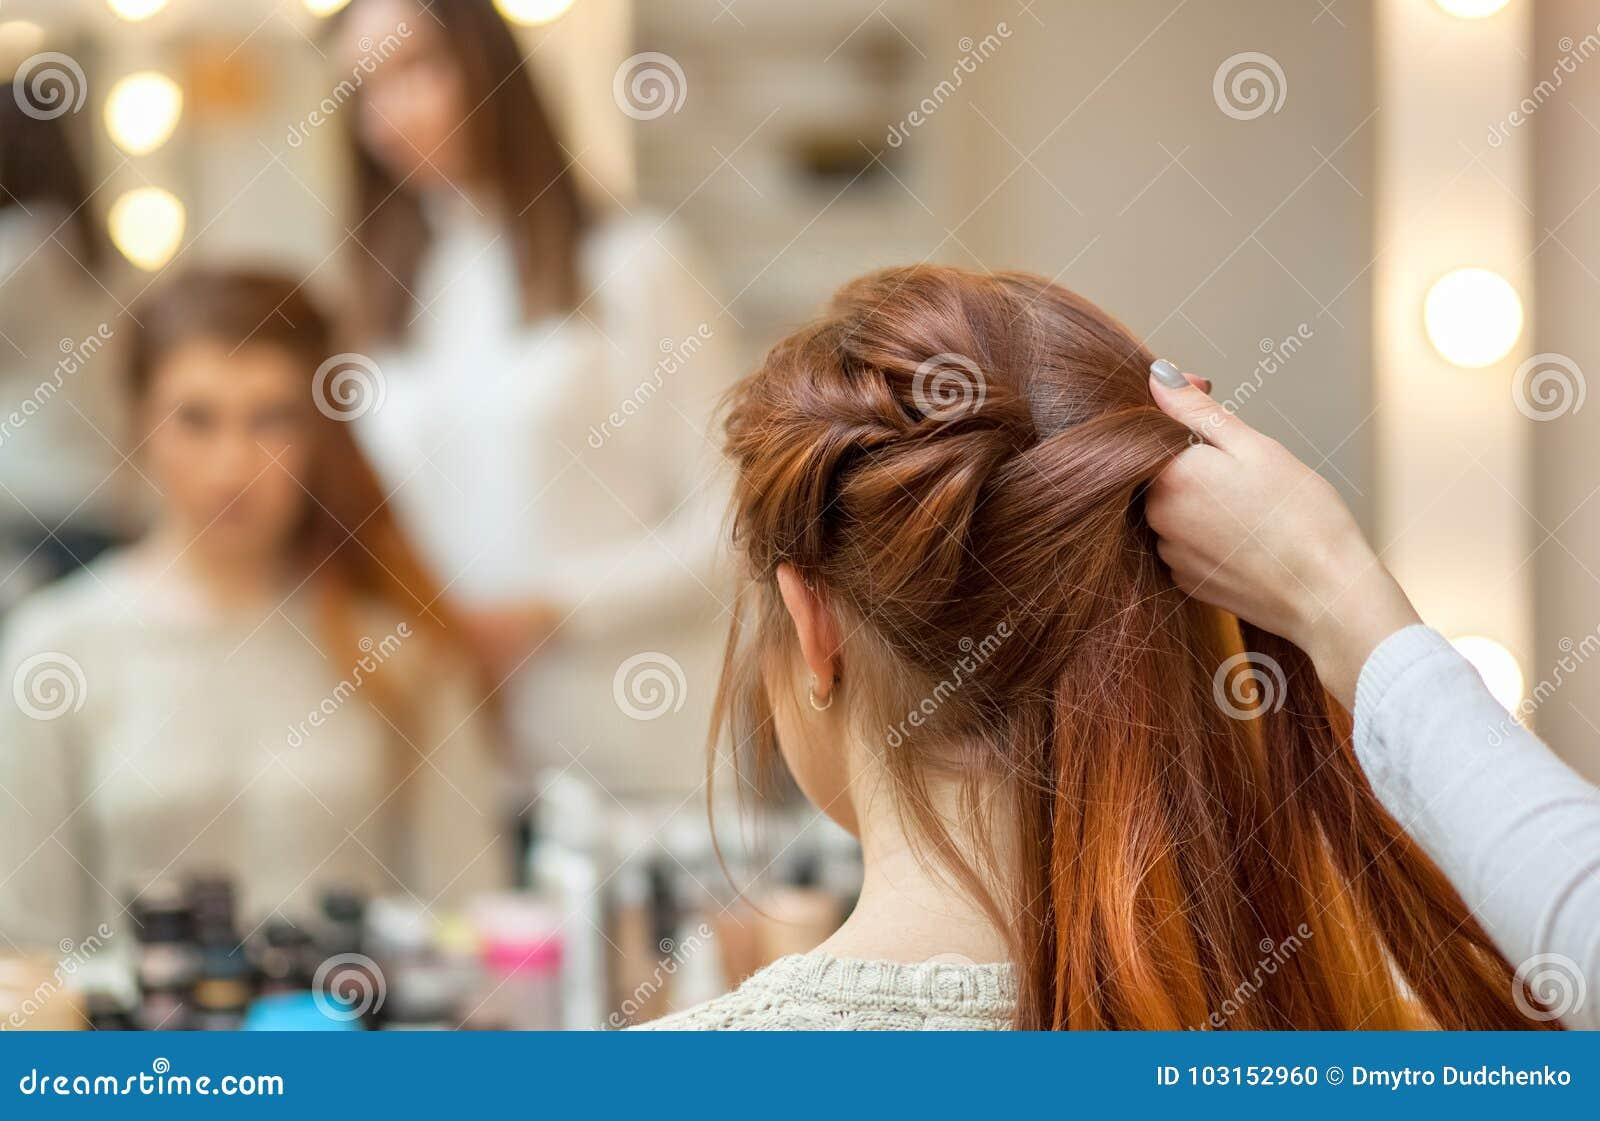 La bella, ragazza dai capelli rossi con capelli lunghi, parrucchiere tesse una treccia francese, in un salone di bellezza